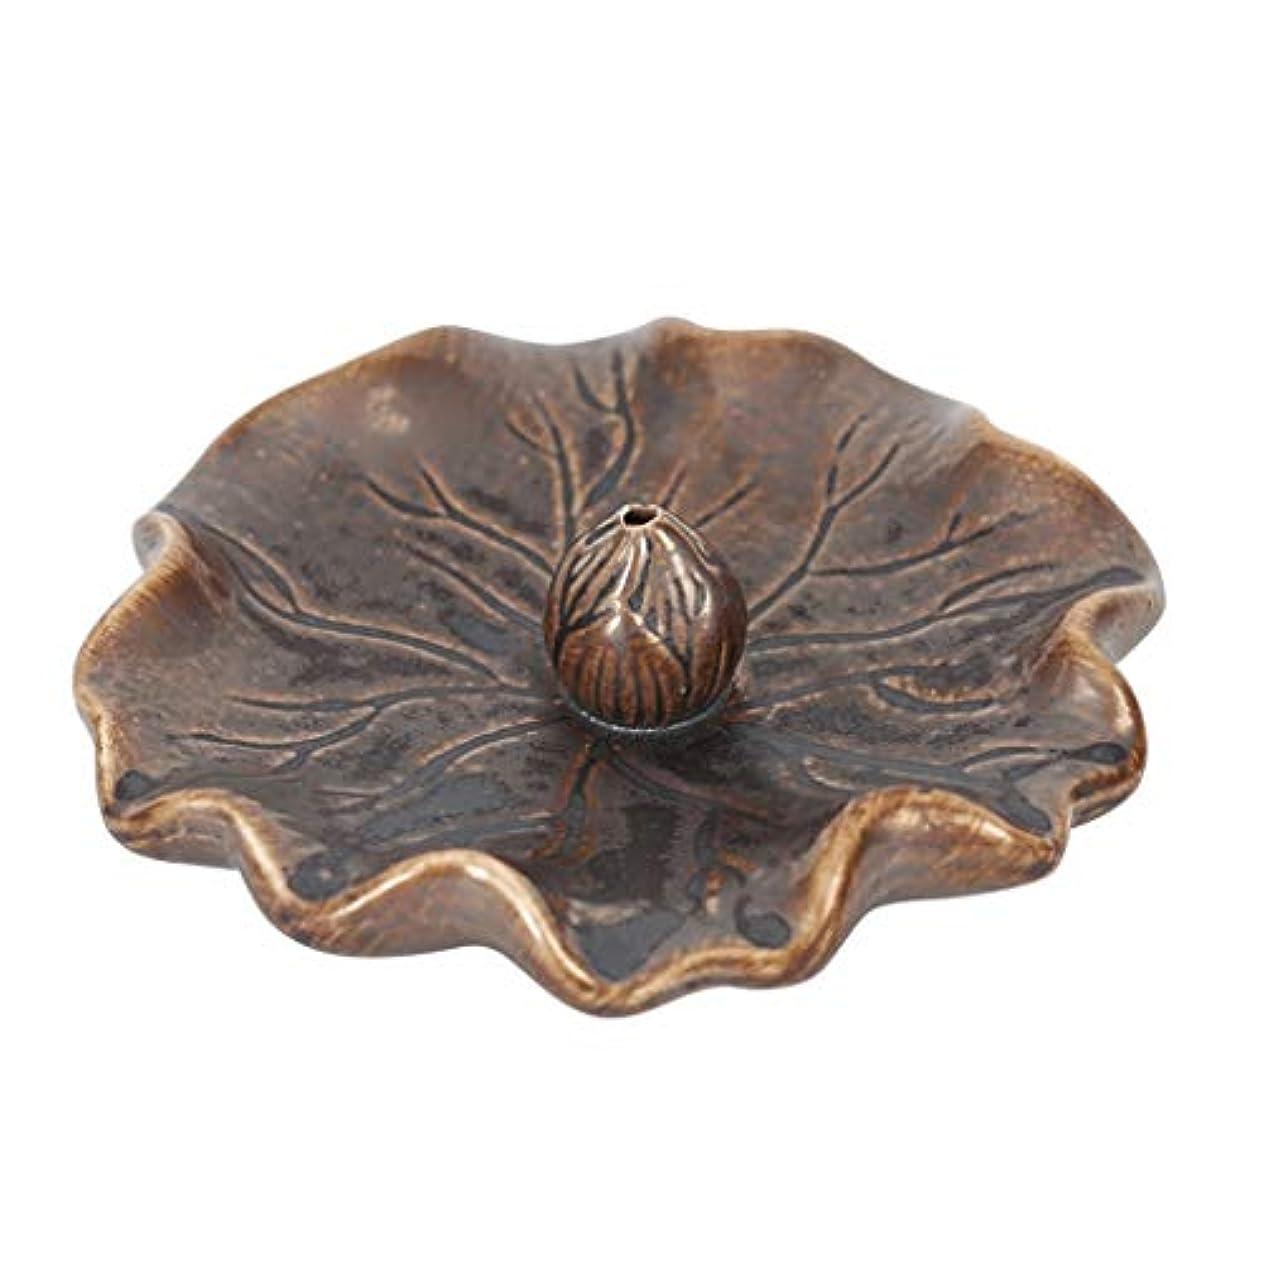 馬鹿にの前でライン香バーナー蓮の葉アンティーク香ホルダービャクダン炉ホーム屋内香りの良い皿セラミック香ホルダー (Color : Brass, サイズ : 4.52*1.18inchs)